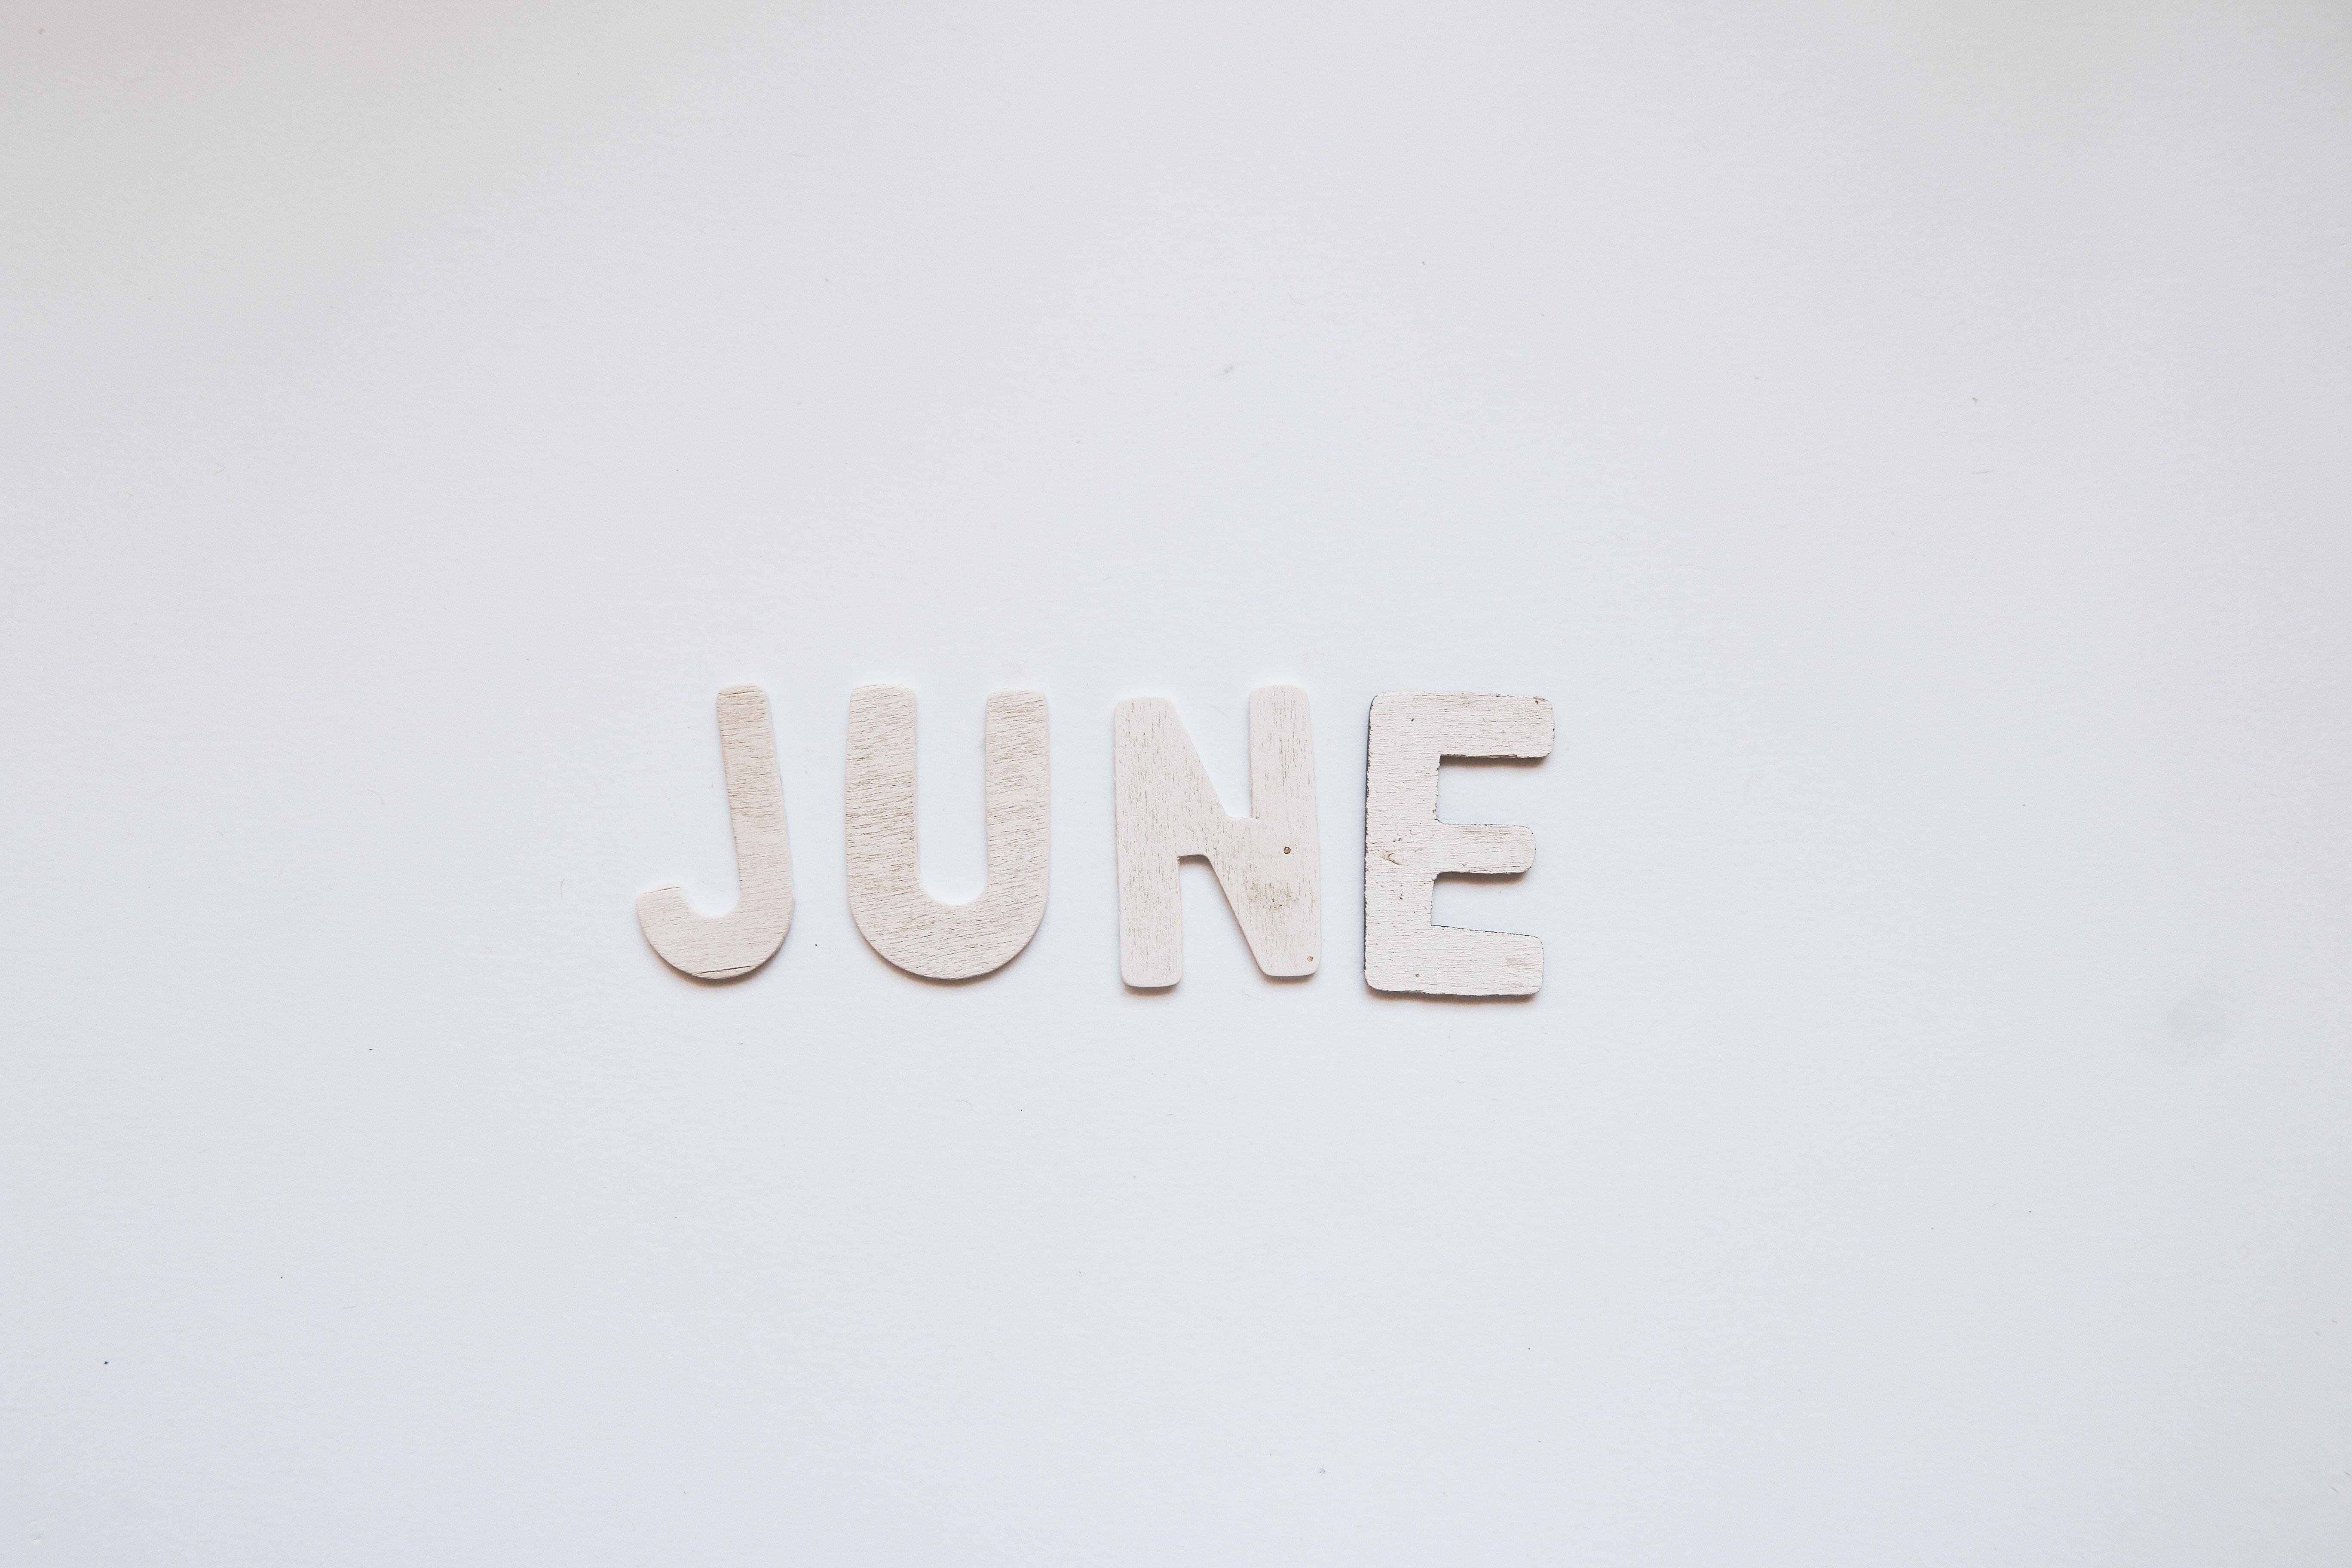 CapitalPanda | Najlepšie akcie, ktoré vás v júni (a ďalších mesiacoch) môžu obohatiť